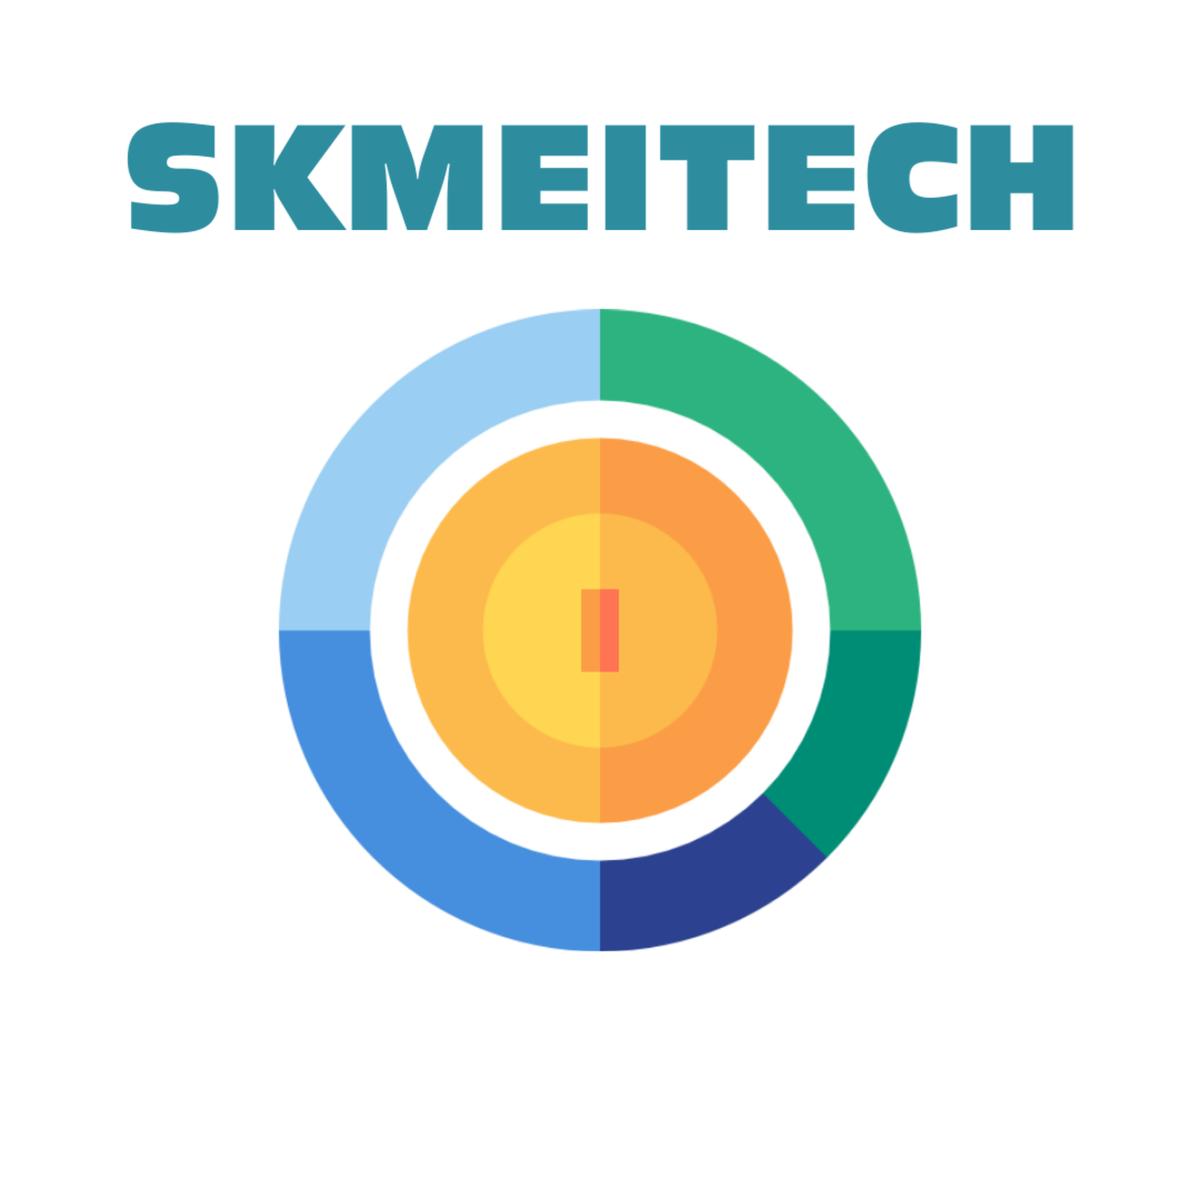 SKMEITECH LTD.